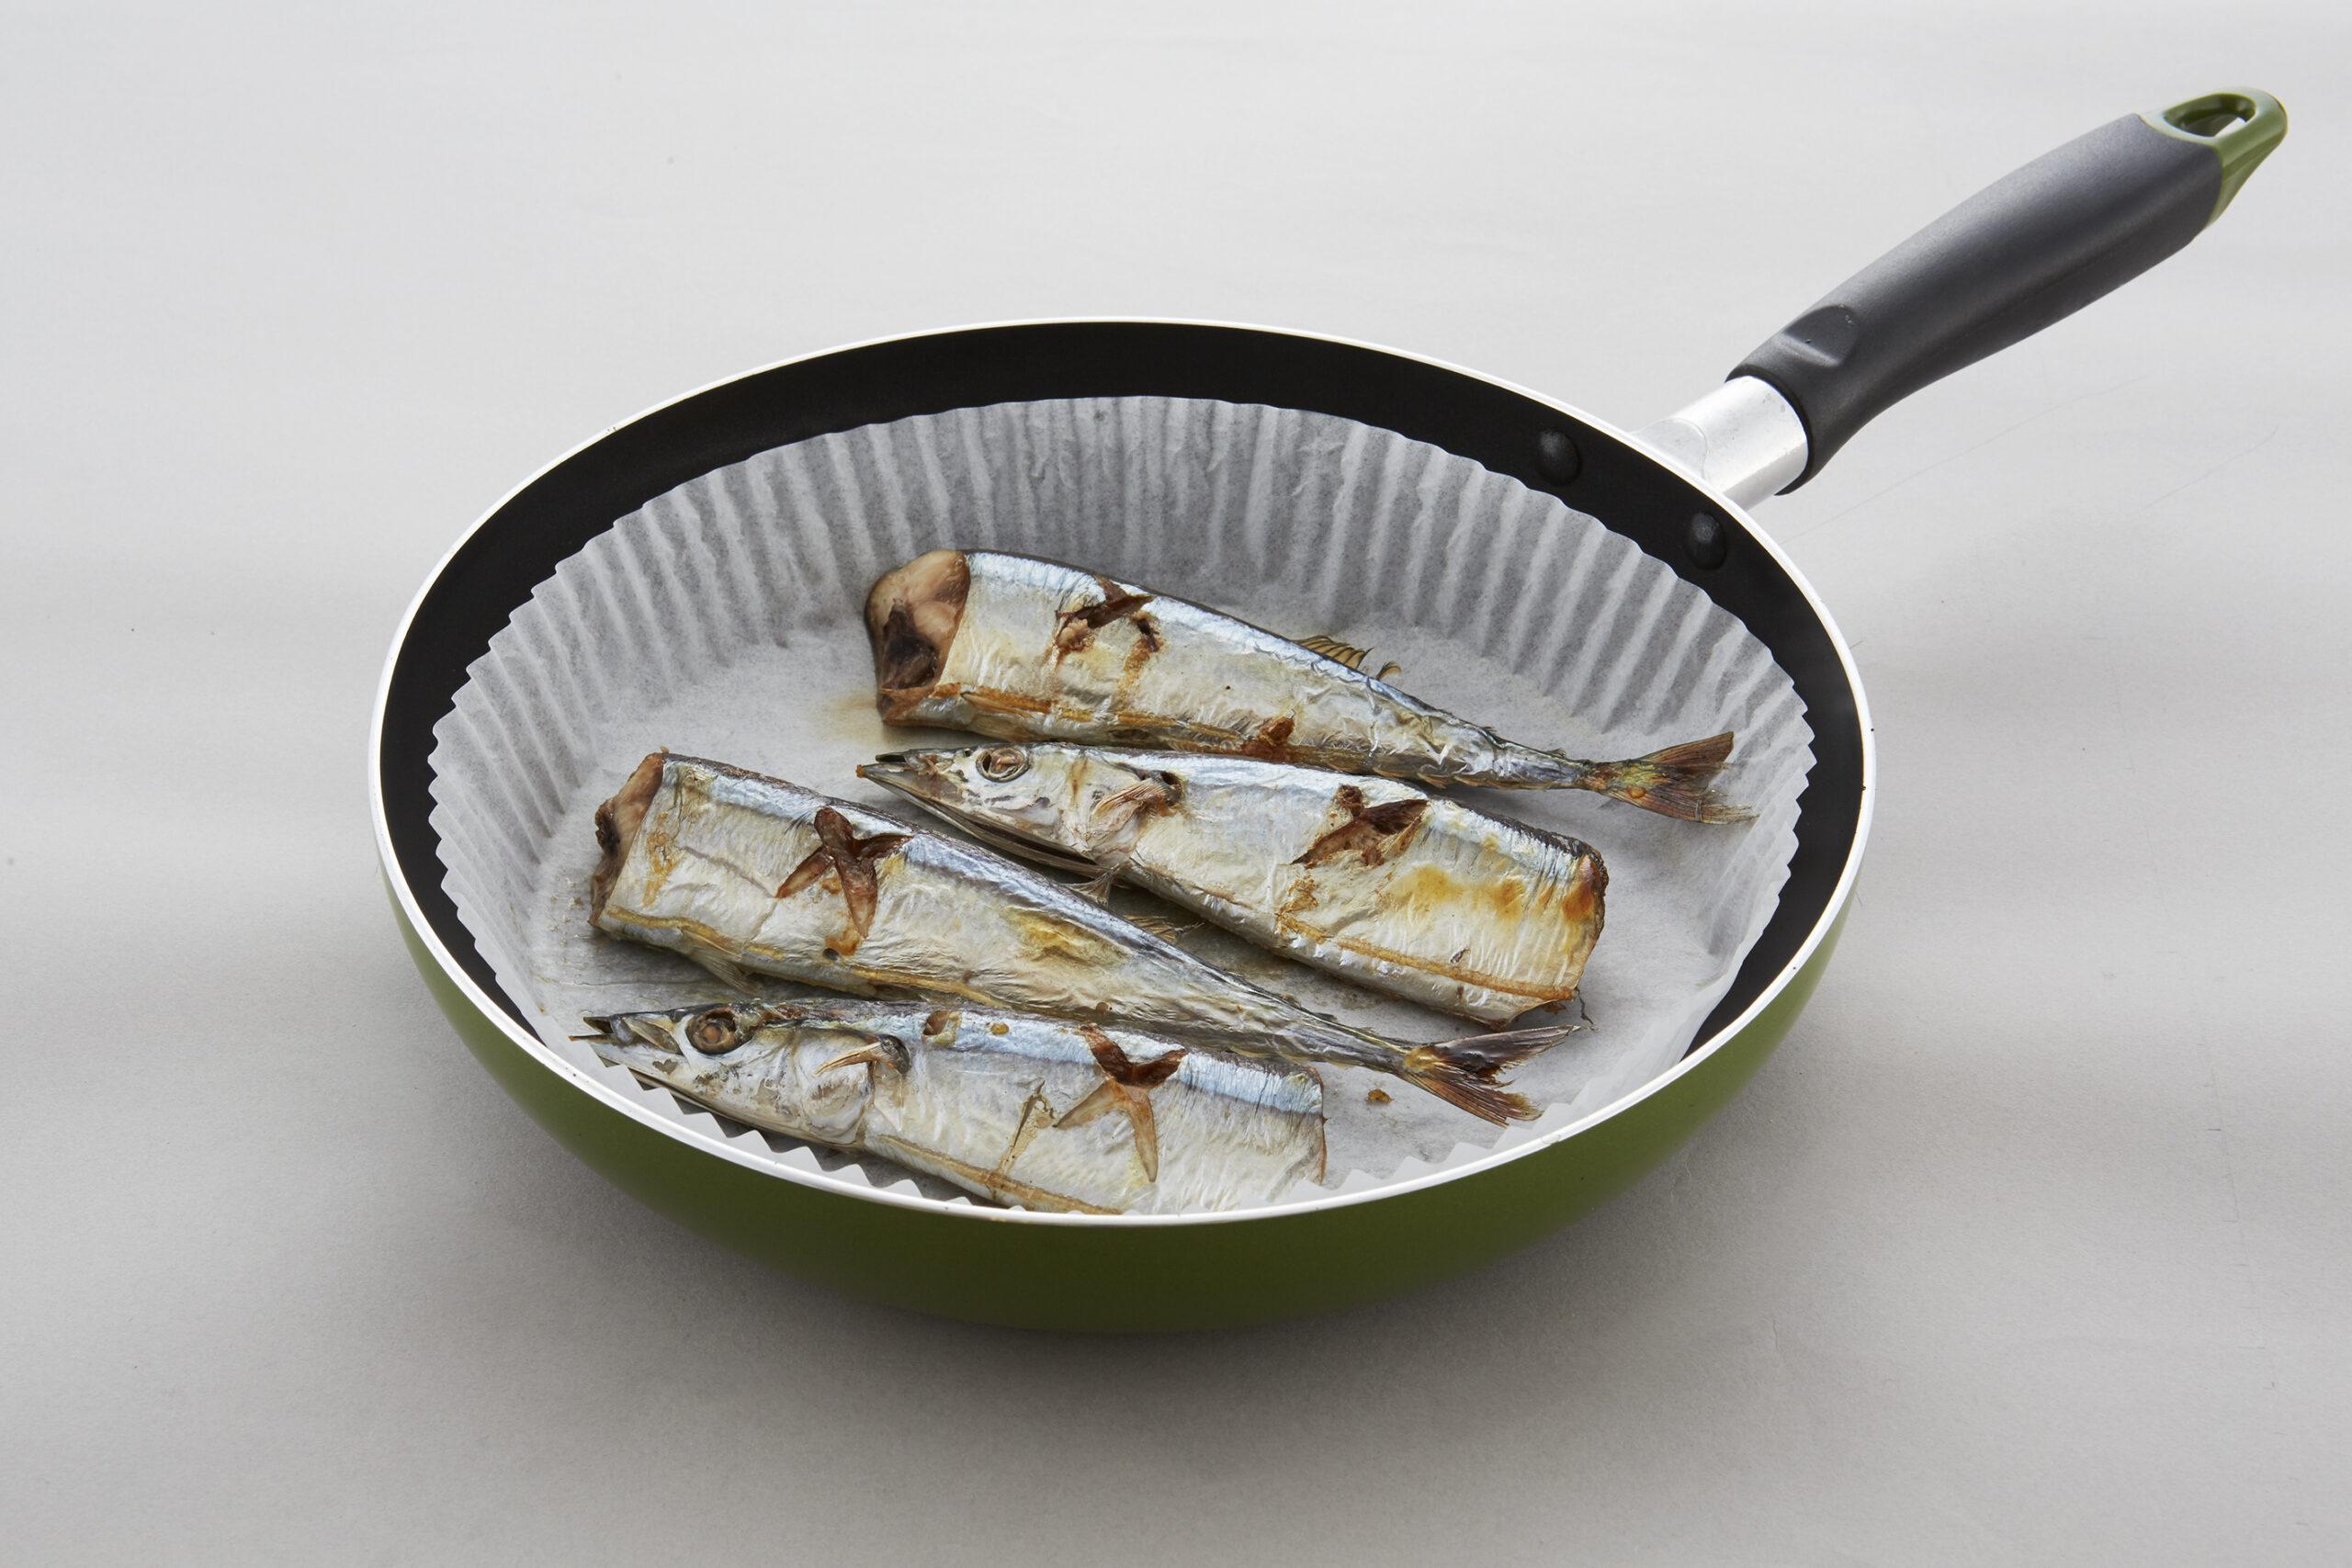 フライパンで魚を焼きたいから始まったフライパンシート